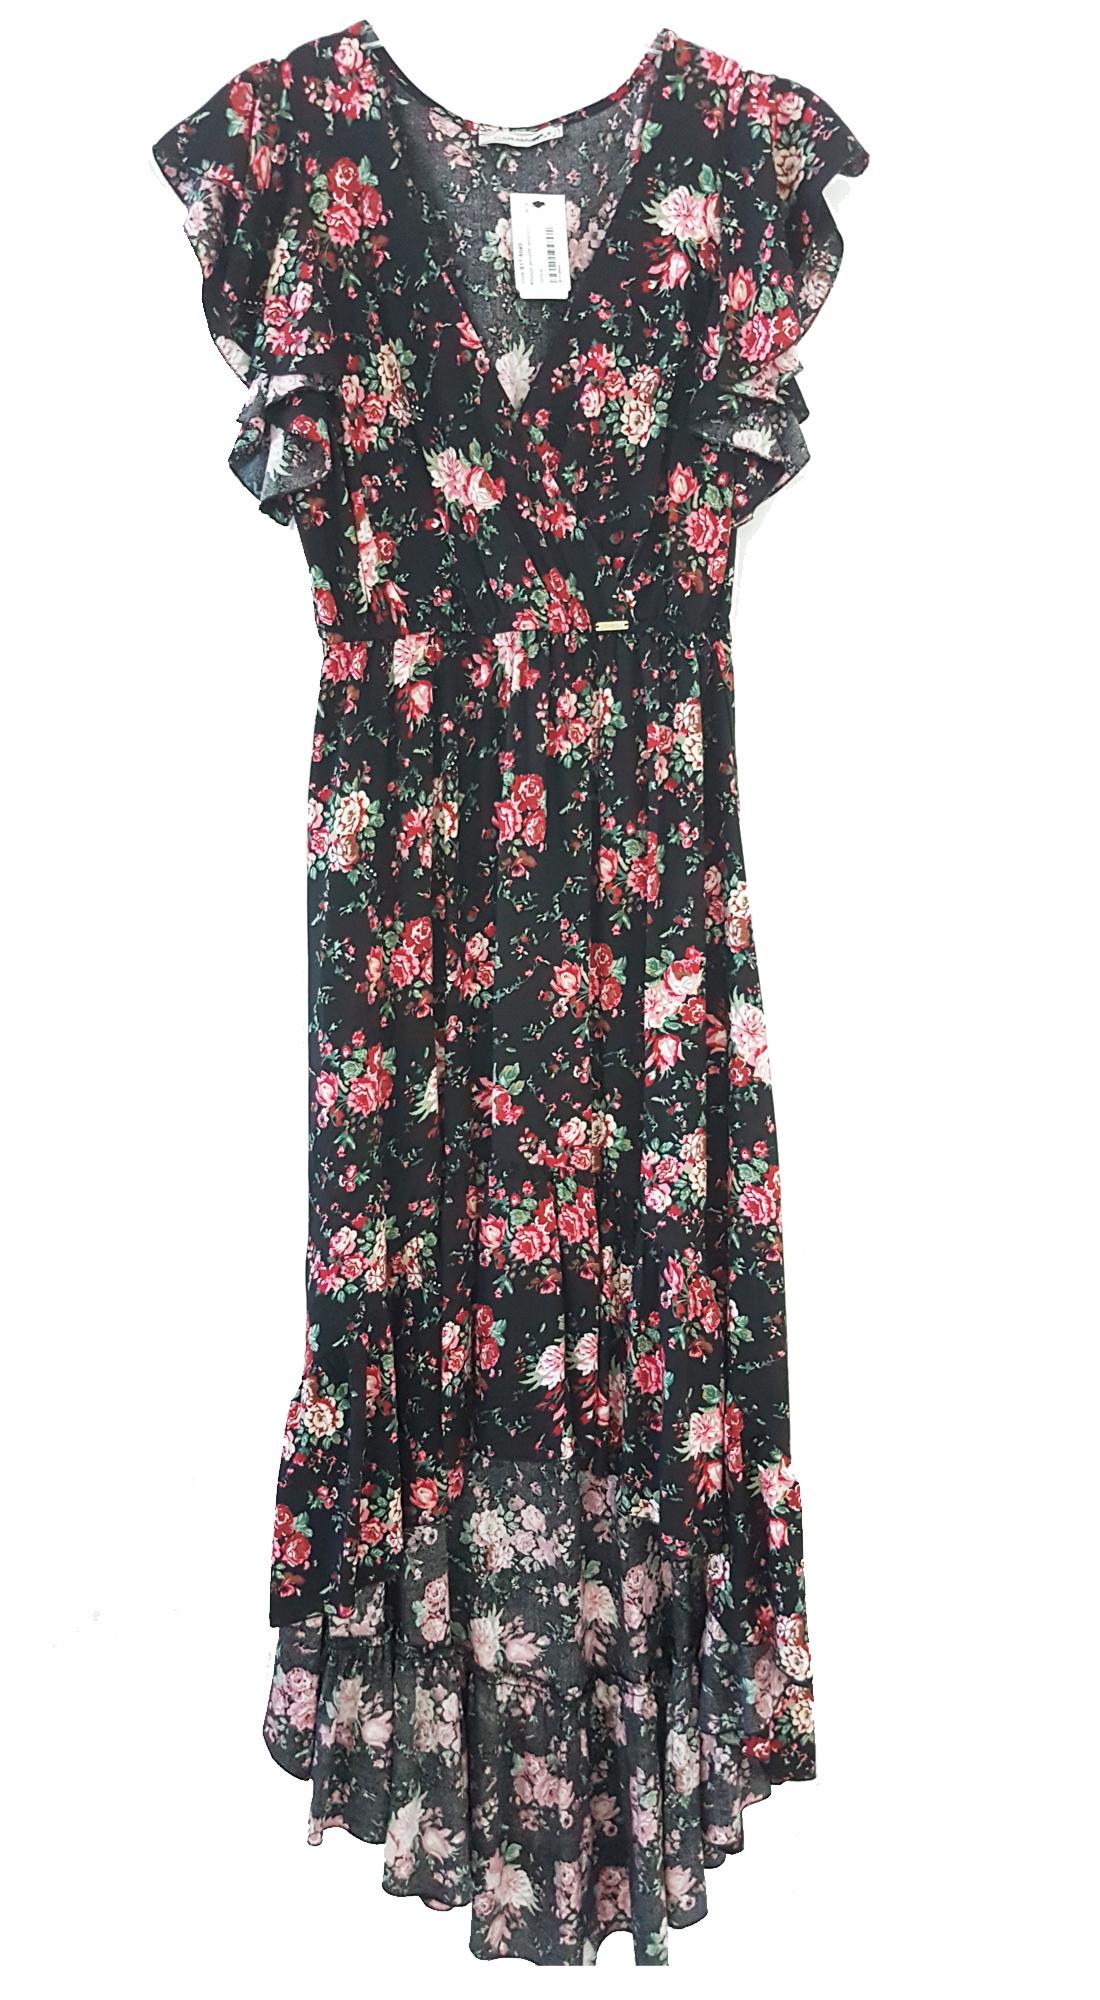 Ασσύμετρο Girly Chic Φόρεμα με Floral Μοτίβο - OEM - S17CM-55040 top trends office look